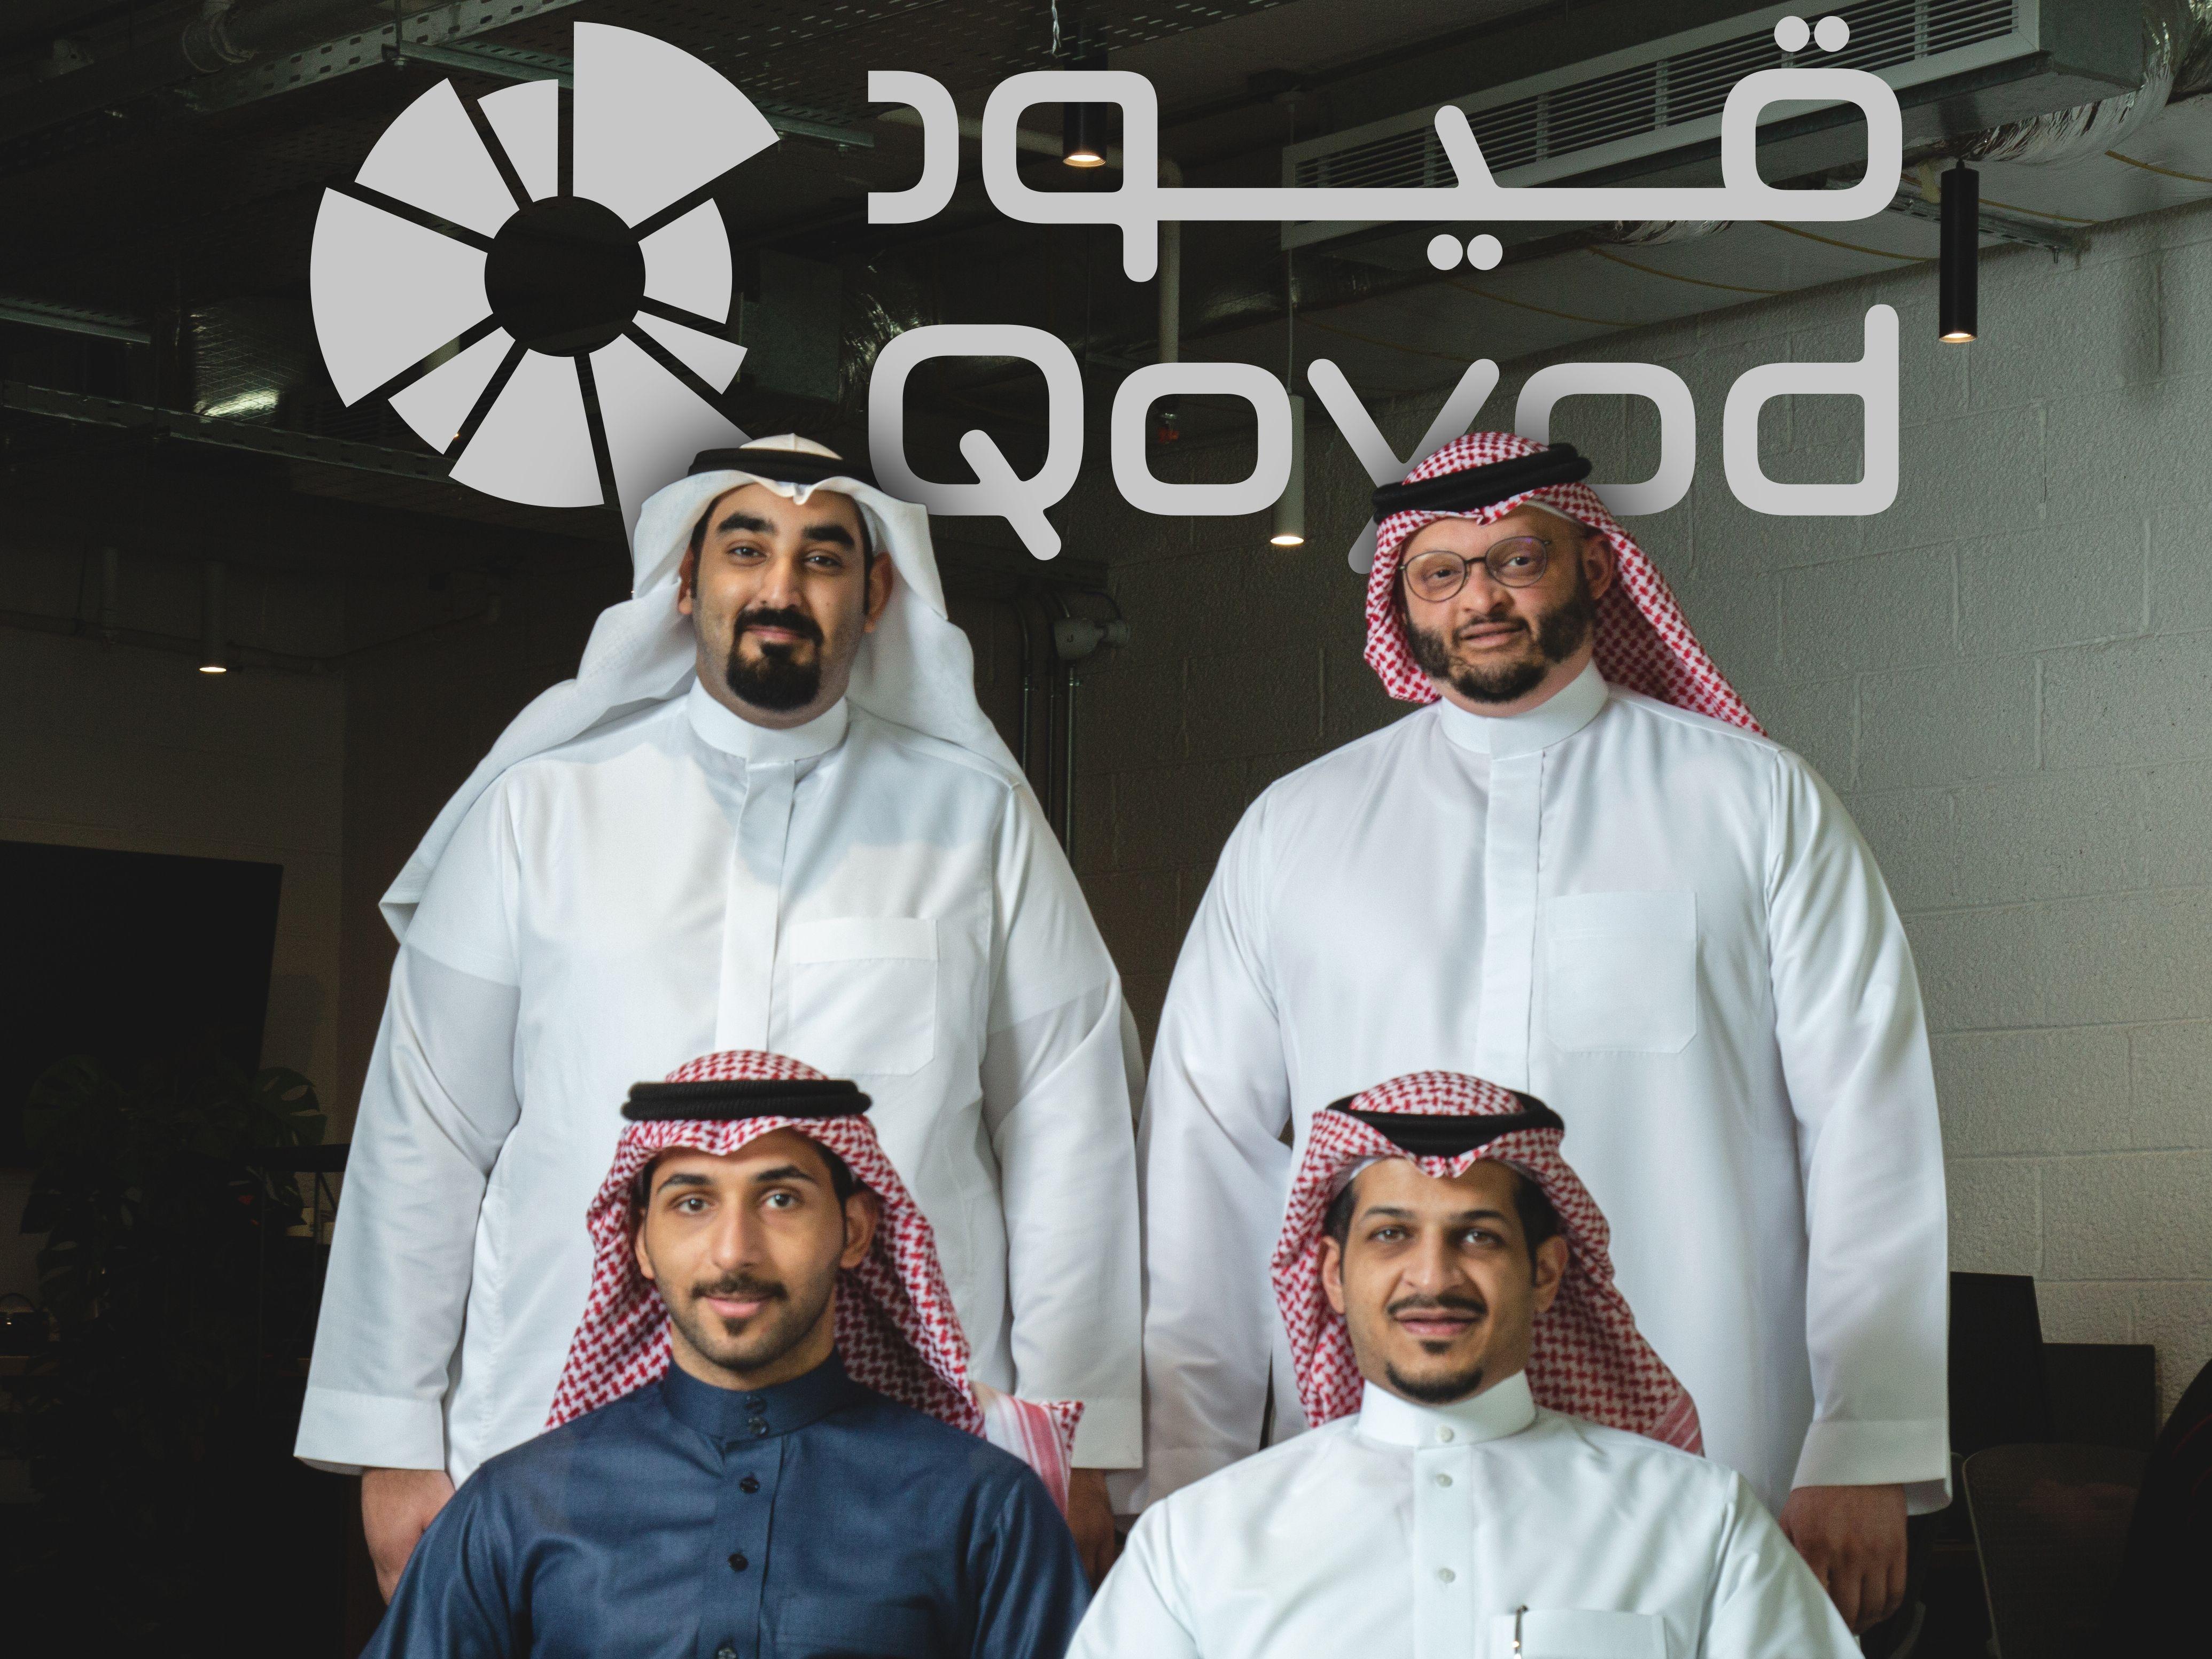 KSA's Qoyod closes $2.1M Series A investment